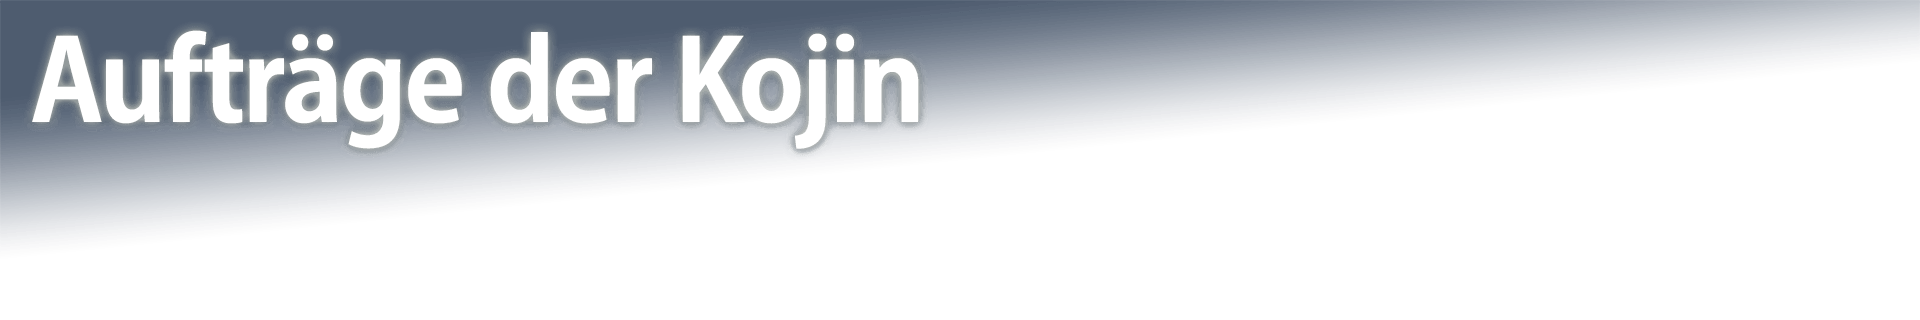 Aufträge der Kojin